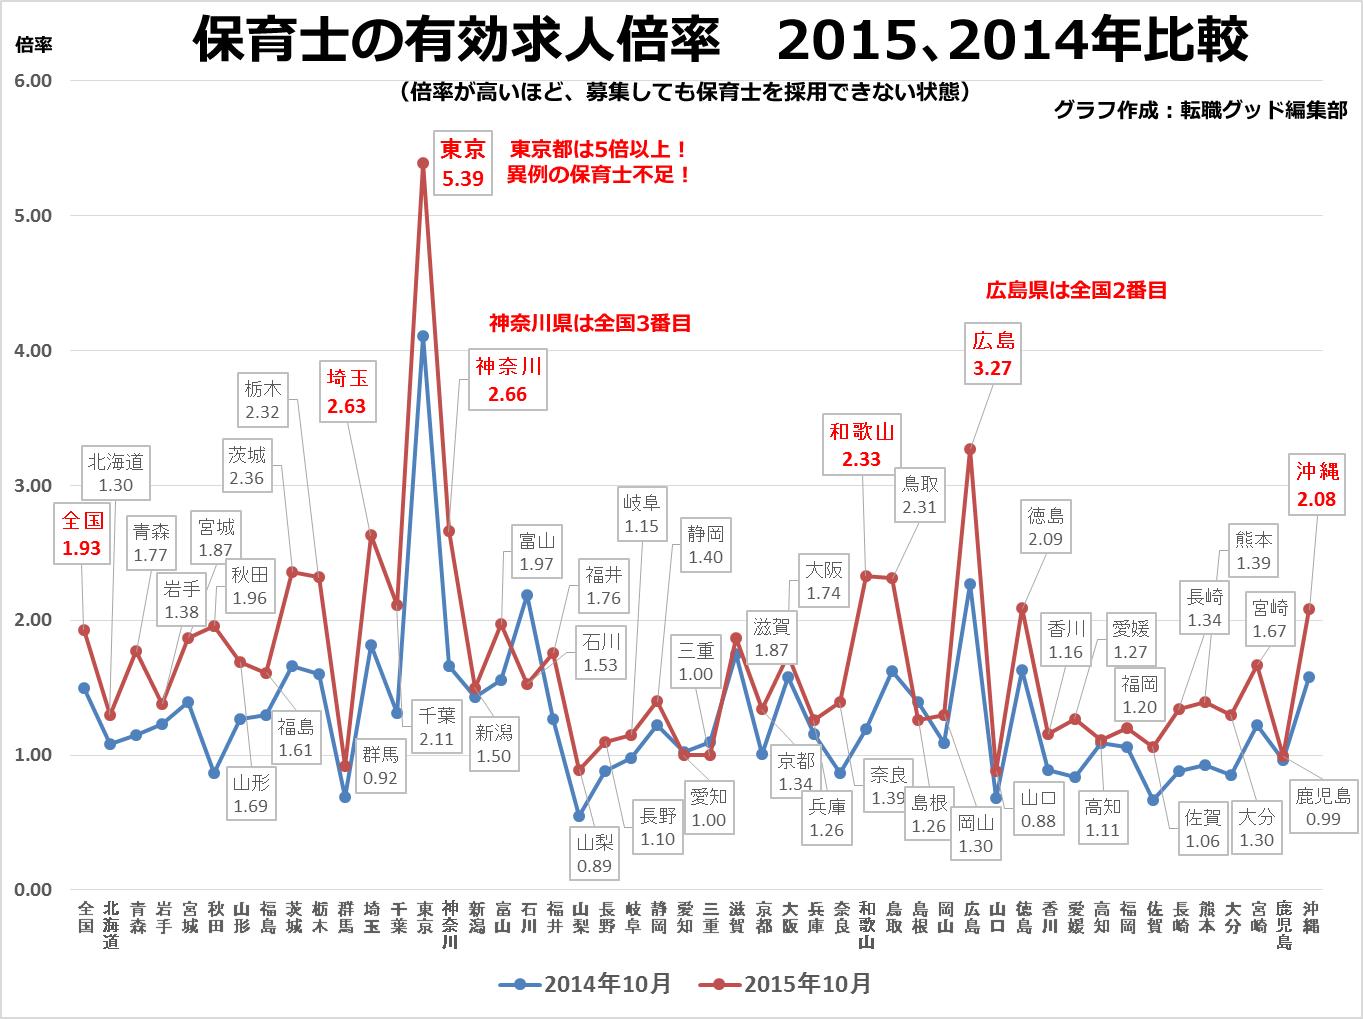 保育士の有効求人倍率-各都道府県の2016年と2015年比較